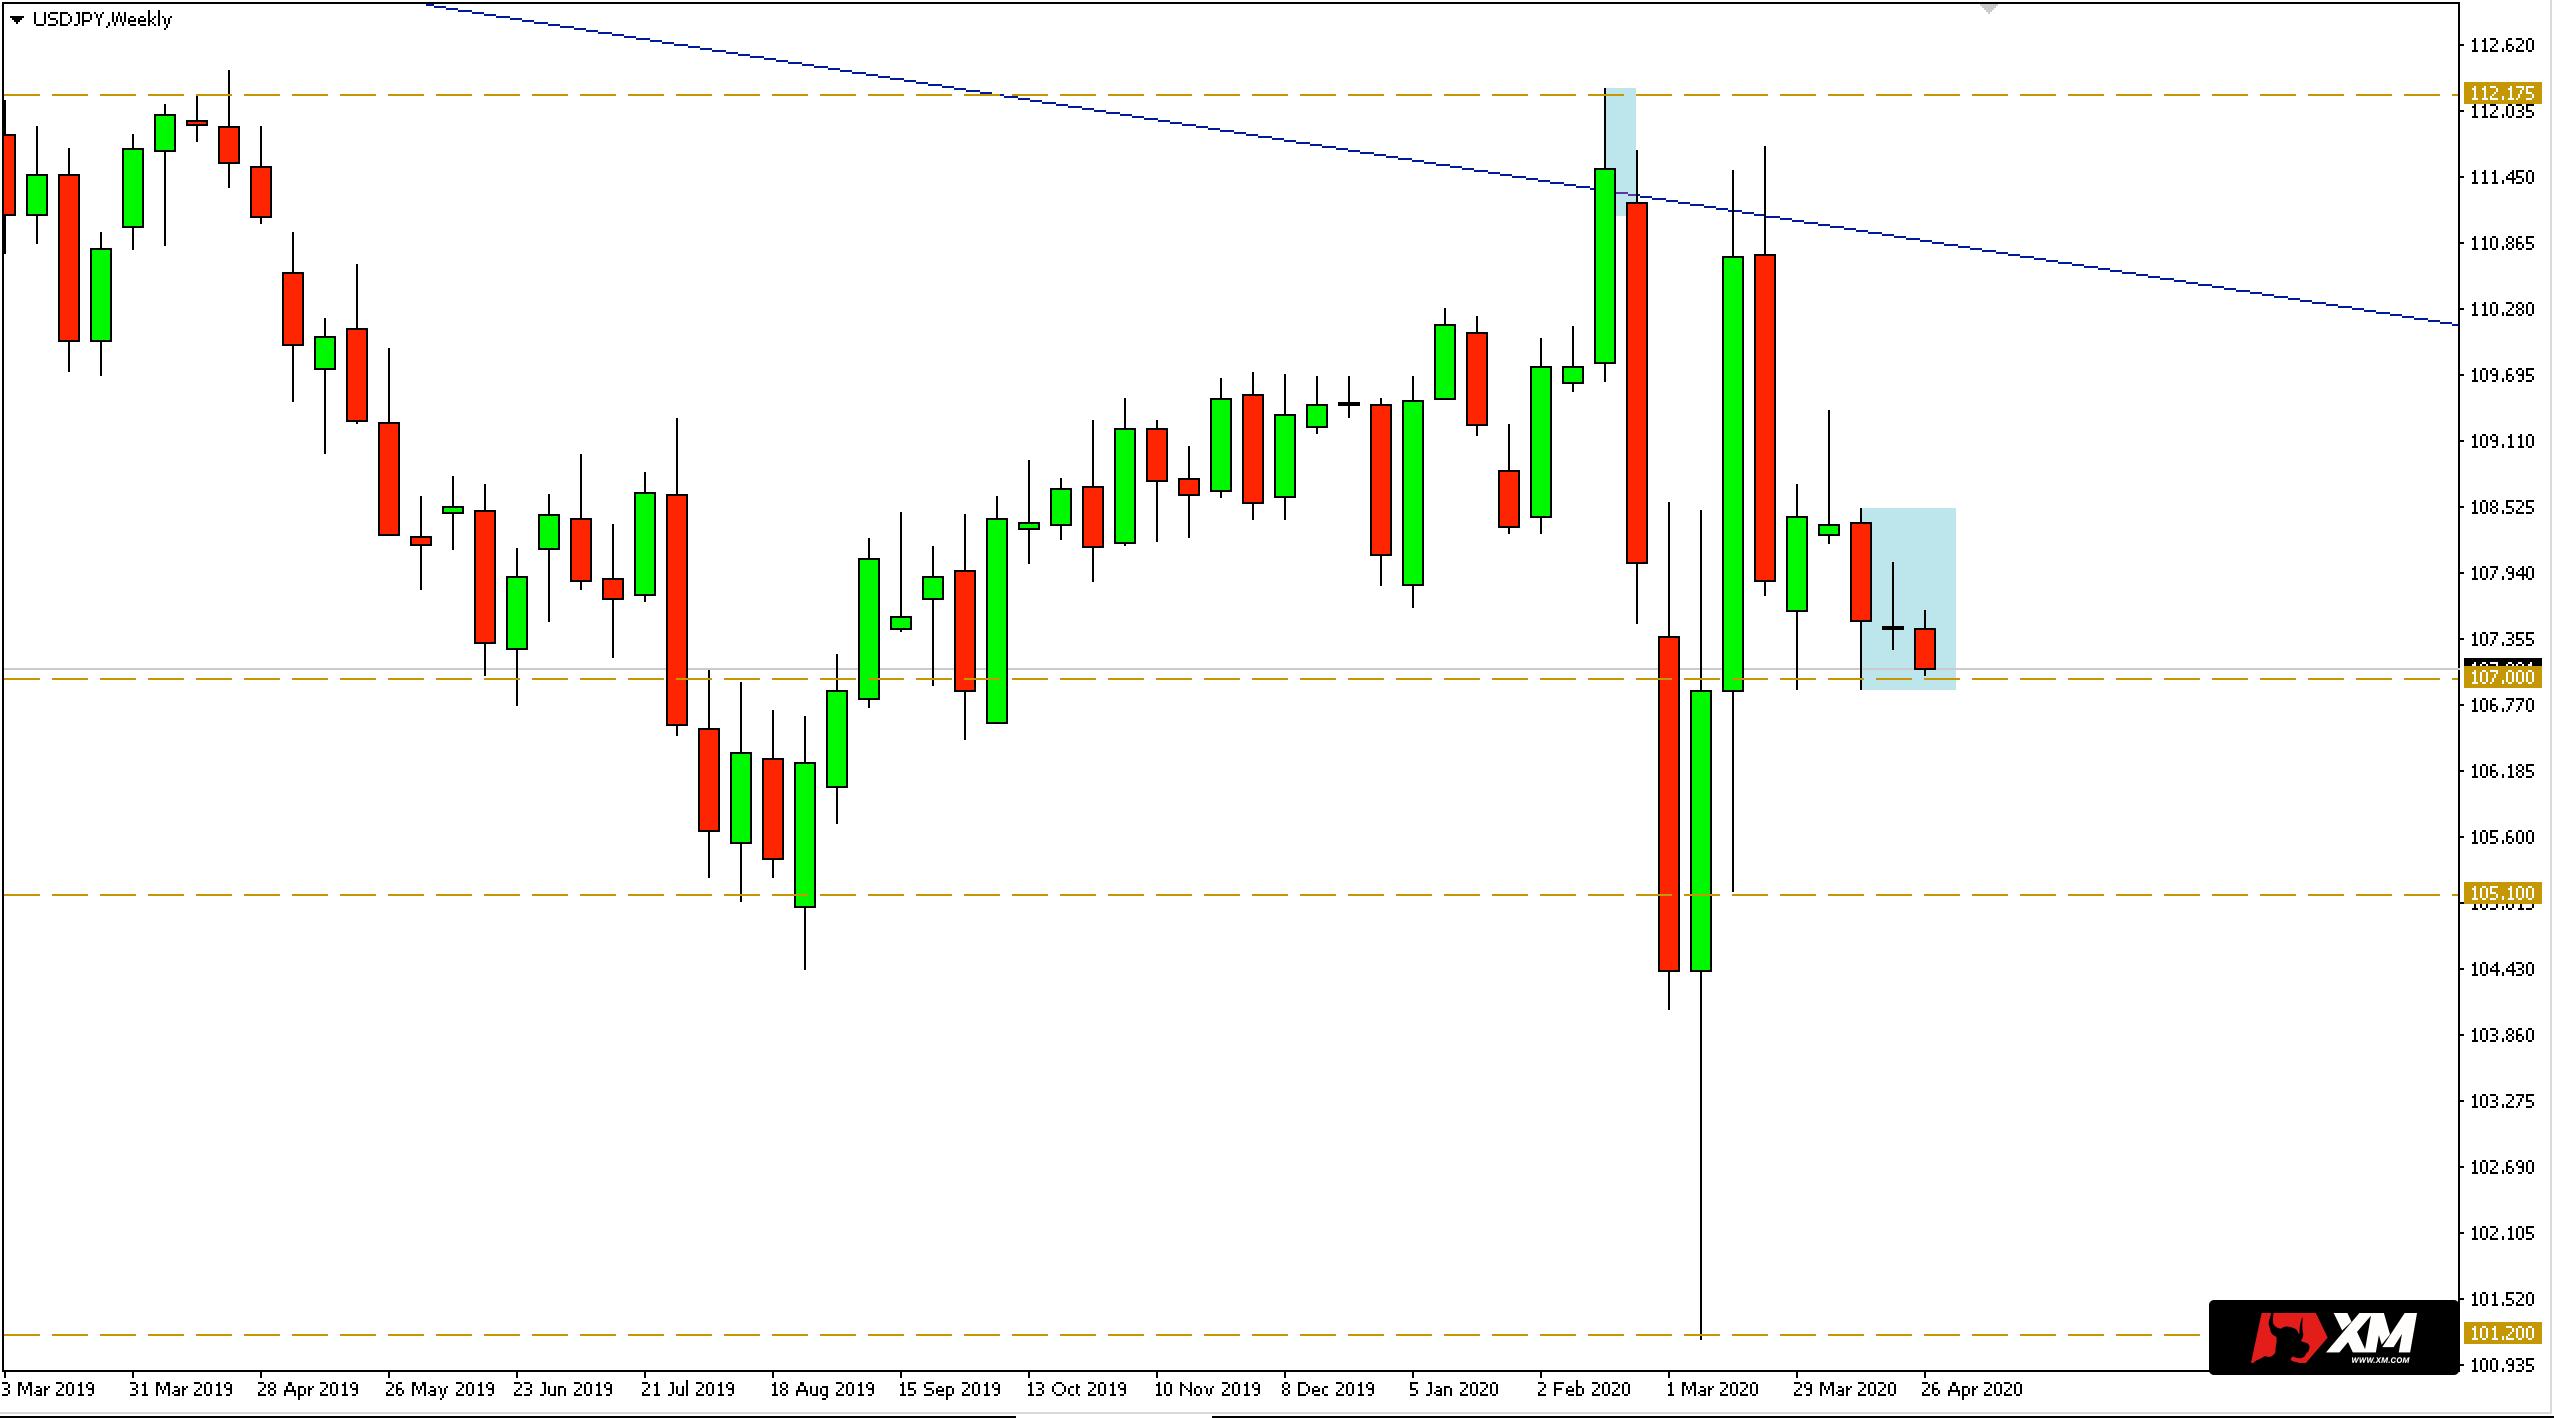 Wykres tygodniowy pary walutowej USDJPY - 27 kwietnia 2020 r.